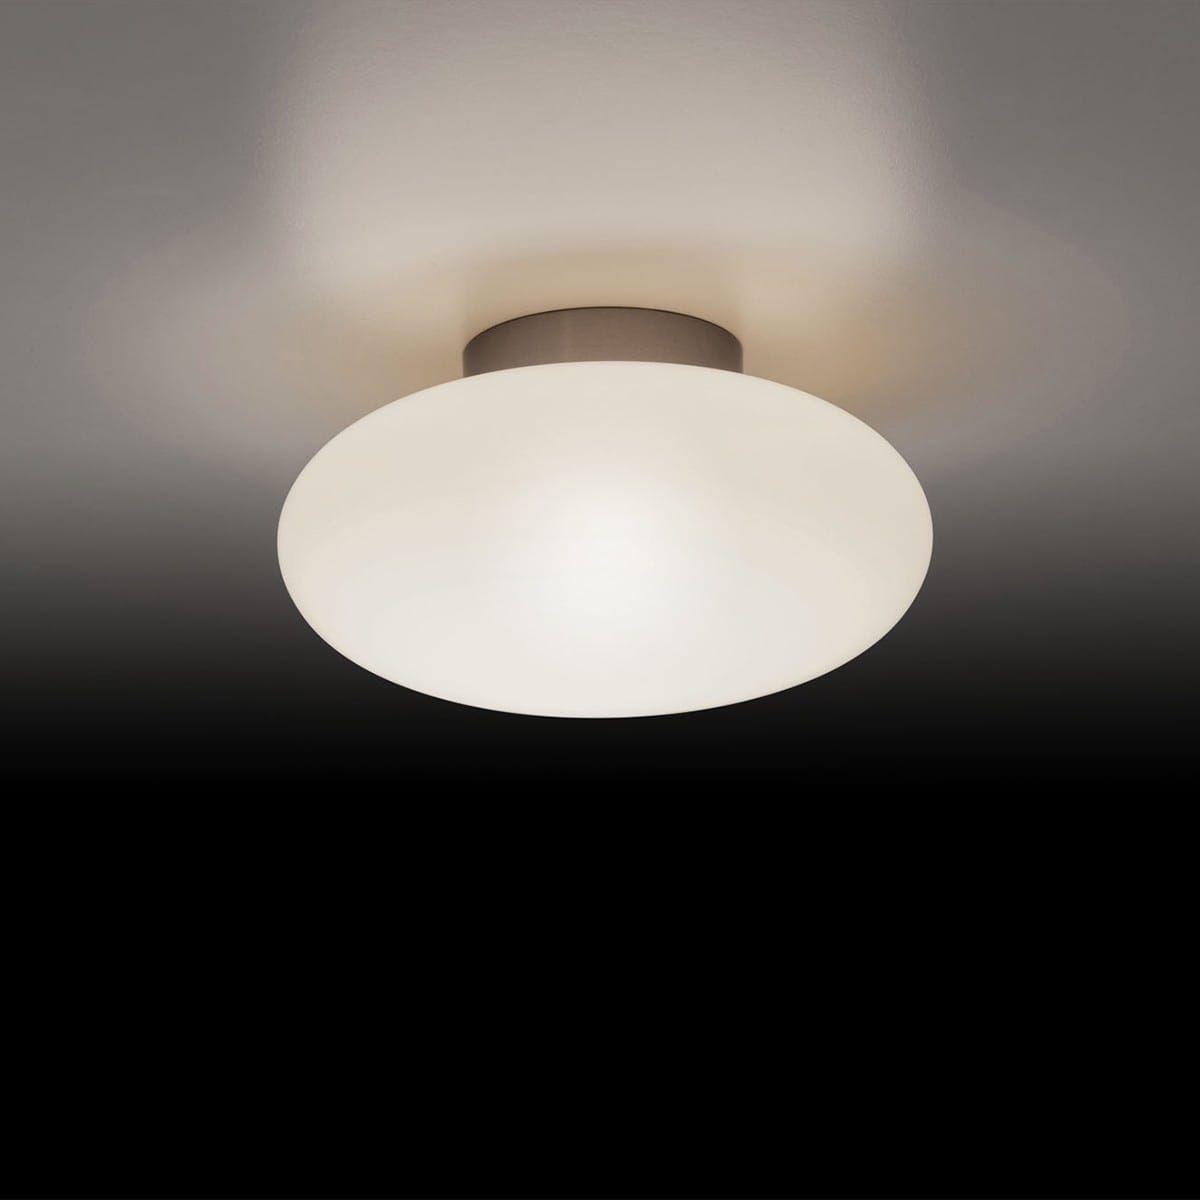 Wohnzimmer Deckenlampe Selber Bauen Deckenleuchte Kuche Rund Wohnzimmer Deckenlampe Messing Lampensockel Verla Led Deckenleuchte Led Kronleuchter Gunstig